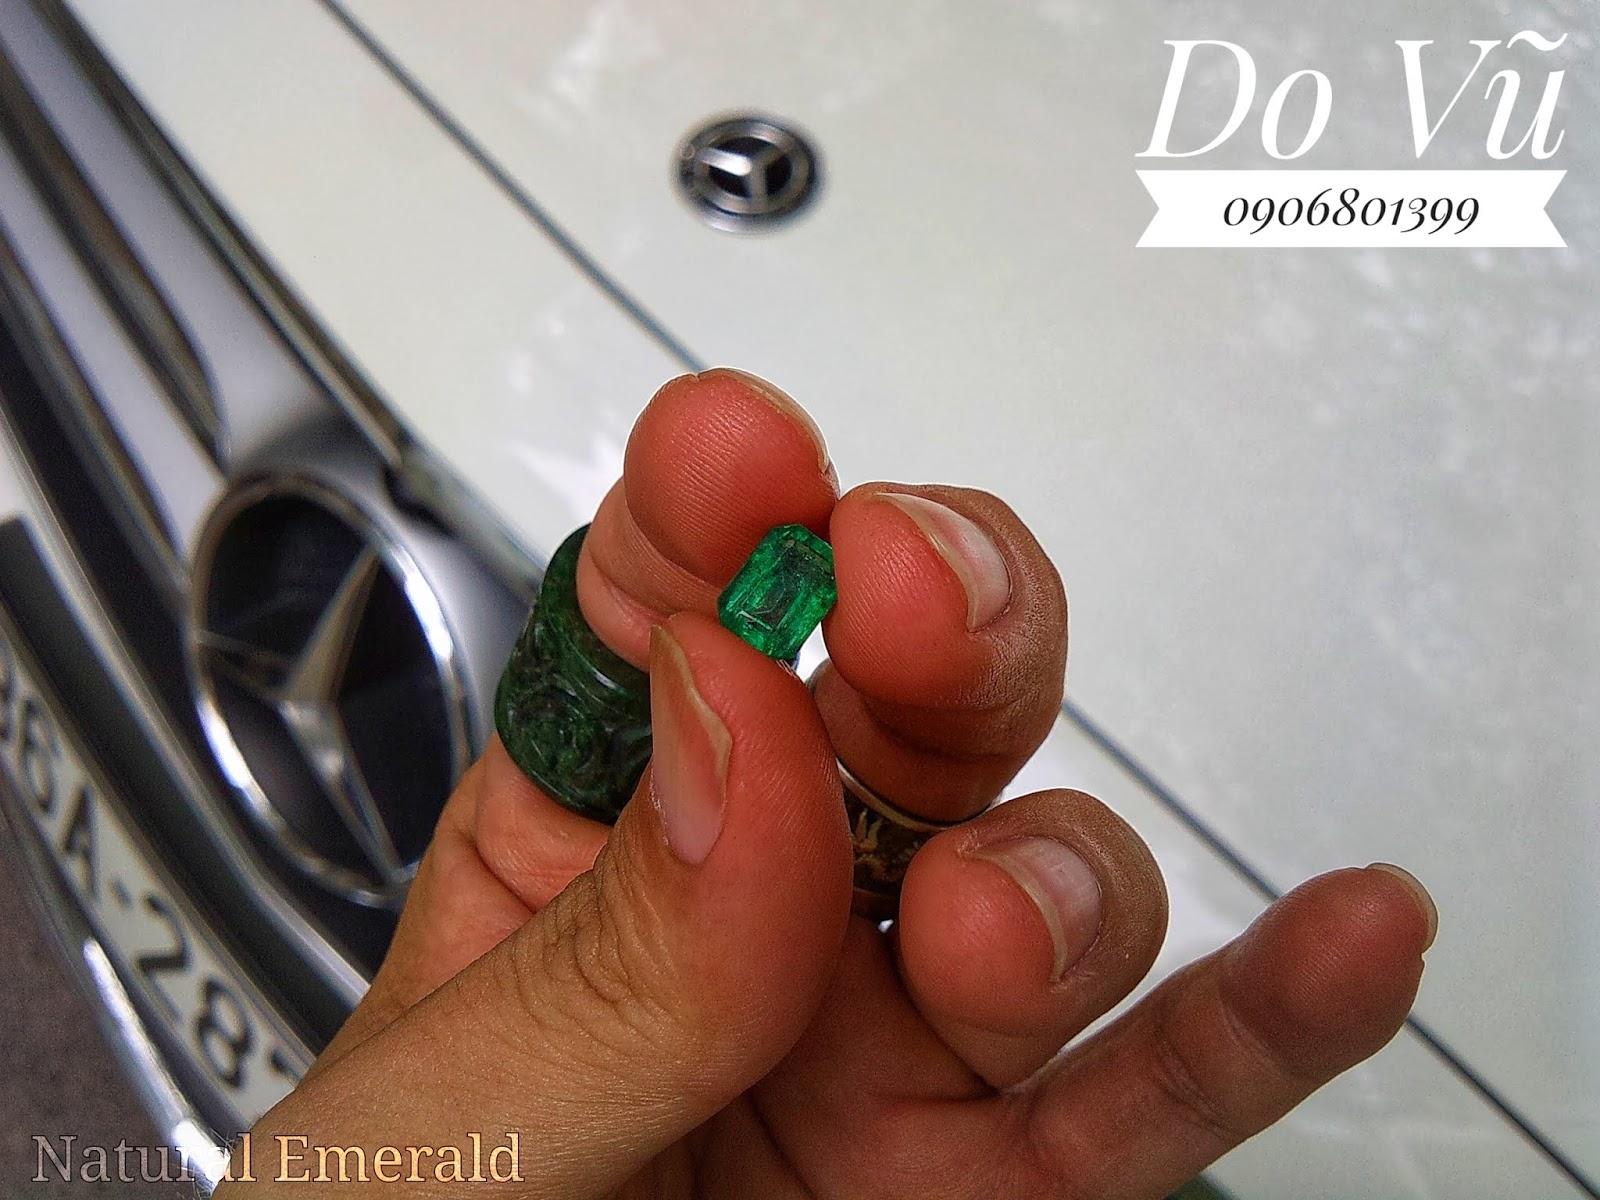 Đá quý Ngọc Lục Bảo thiên nhiên, Natural Emerald chất ngọc kính xanh chuẩn lửa mạnh ( 15/04/20, 01 )